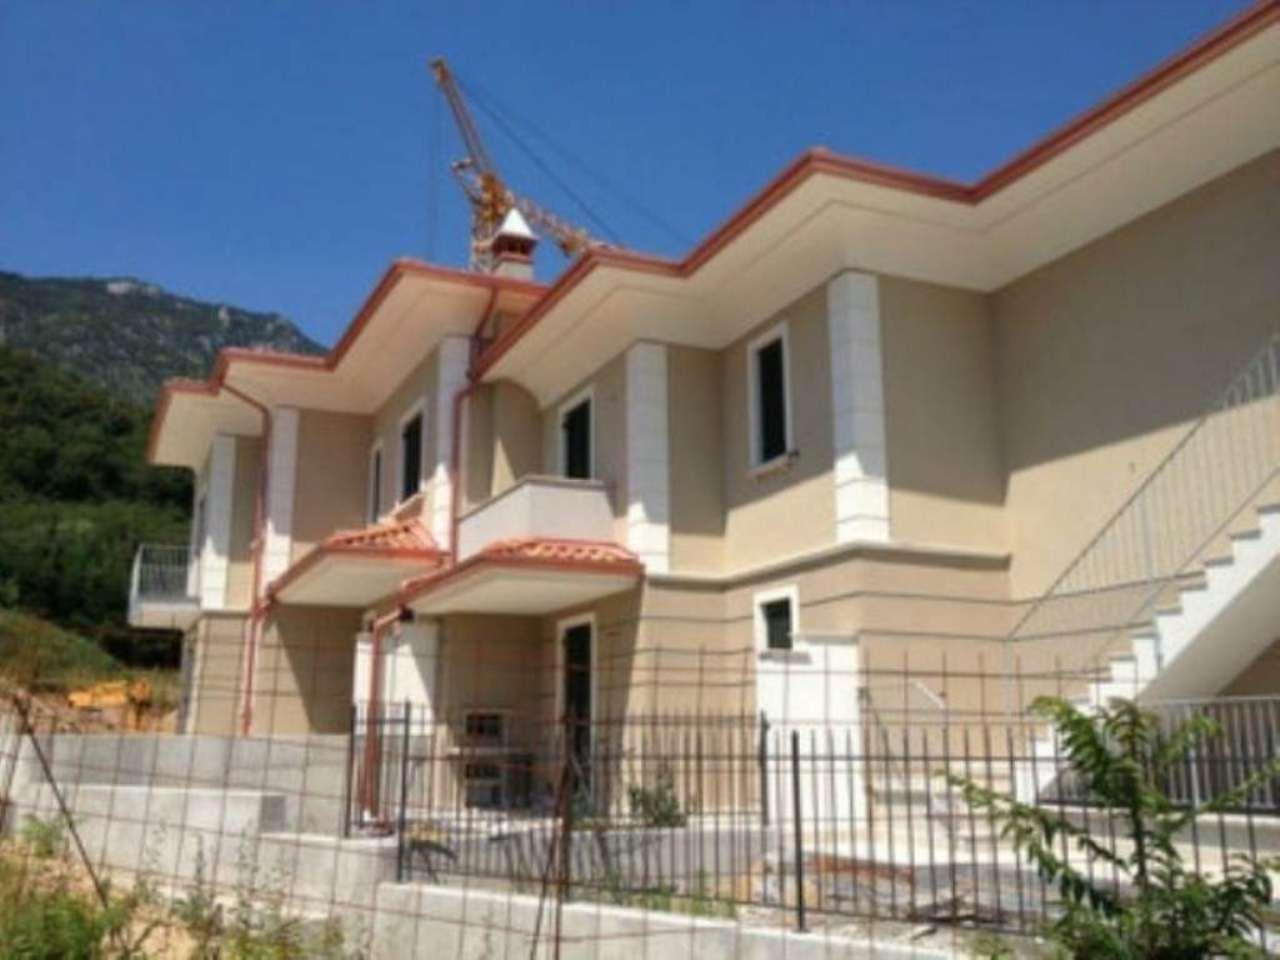 Soluzione Indipendente in vendita a Botticino, 3 locali, prezzo € 275.000 | Cambio Casa.it